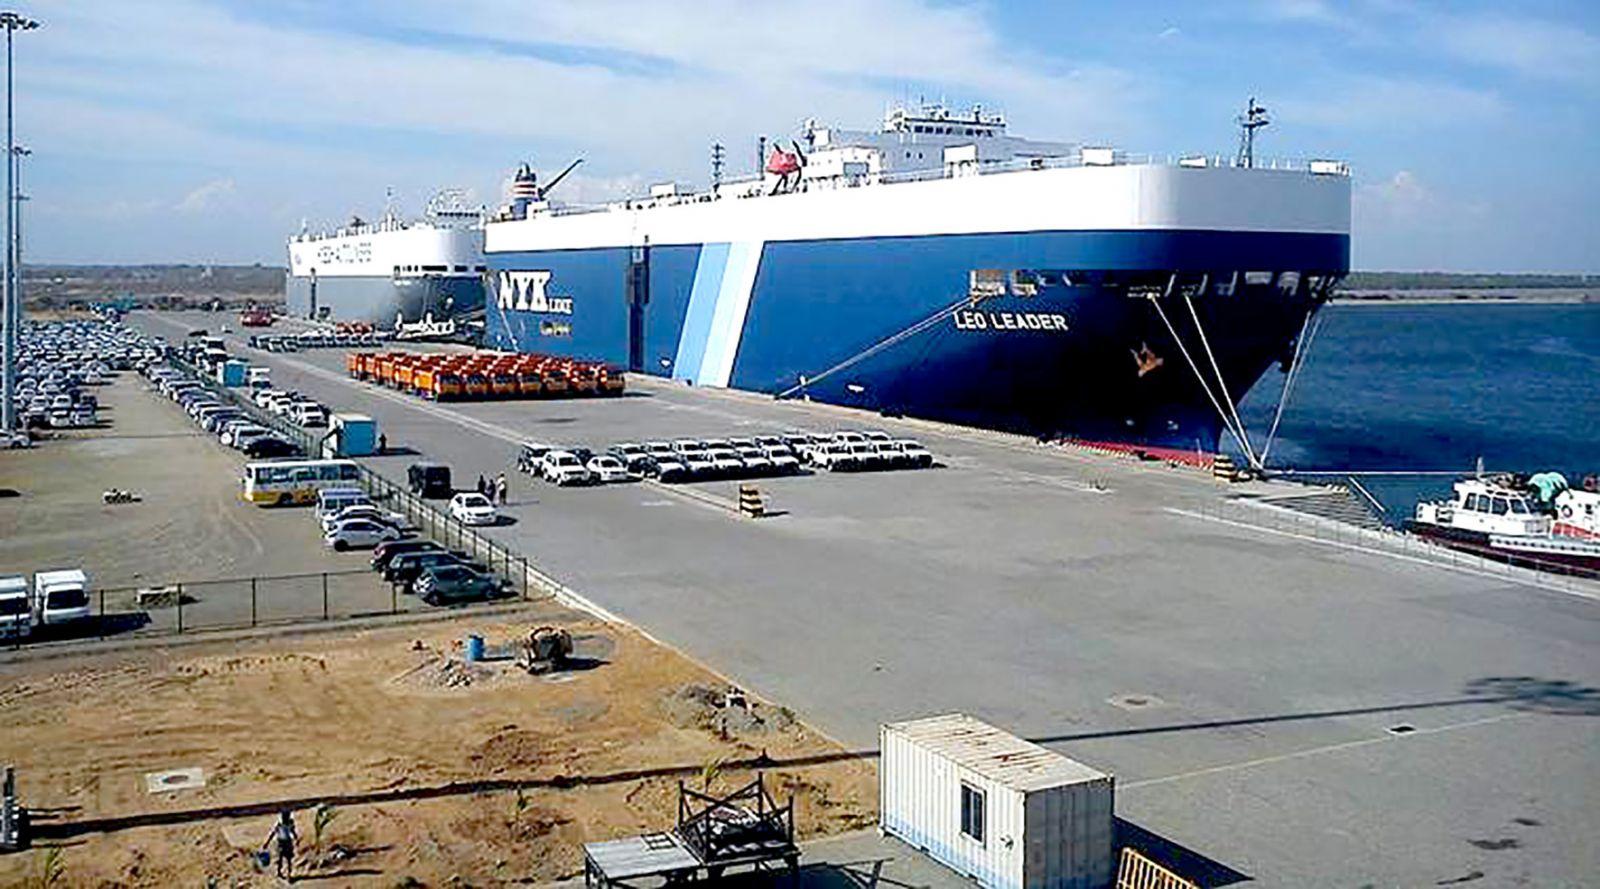 Cảng Hambantota nằm trên vị trí chiến lược nhìn ra Ấn Độ Dương. Ảnh: The Indian Express